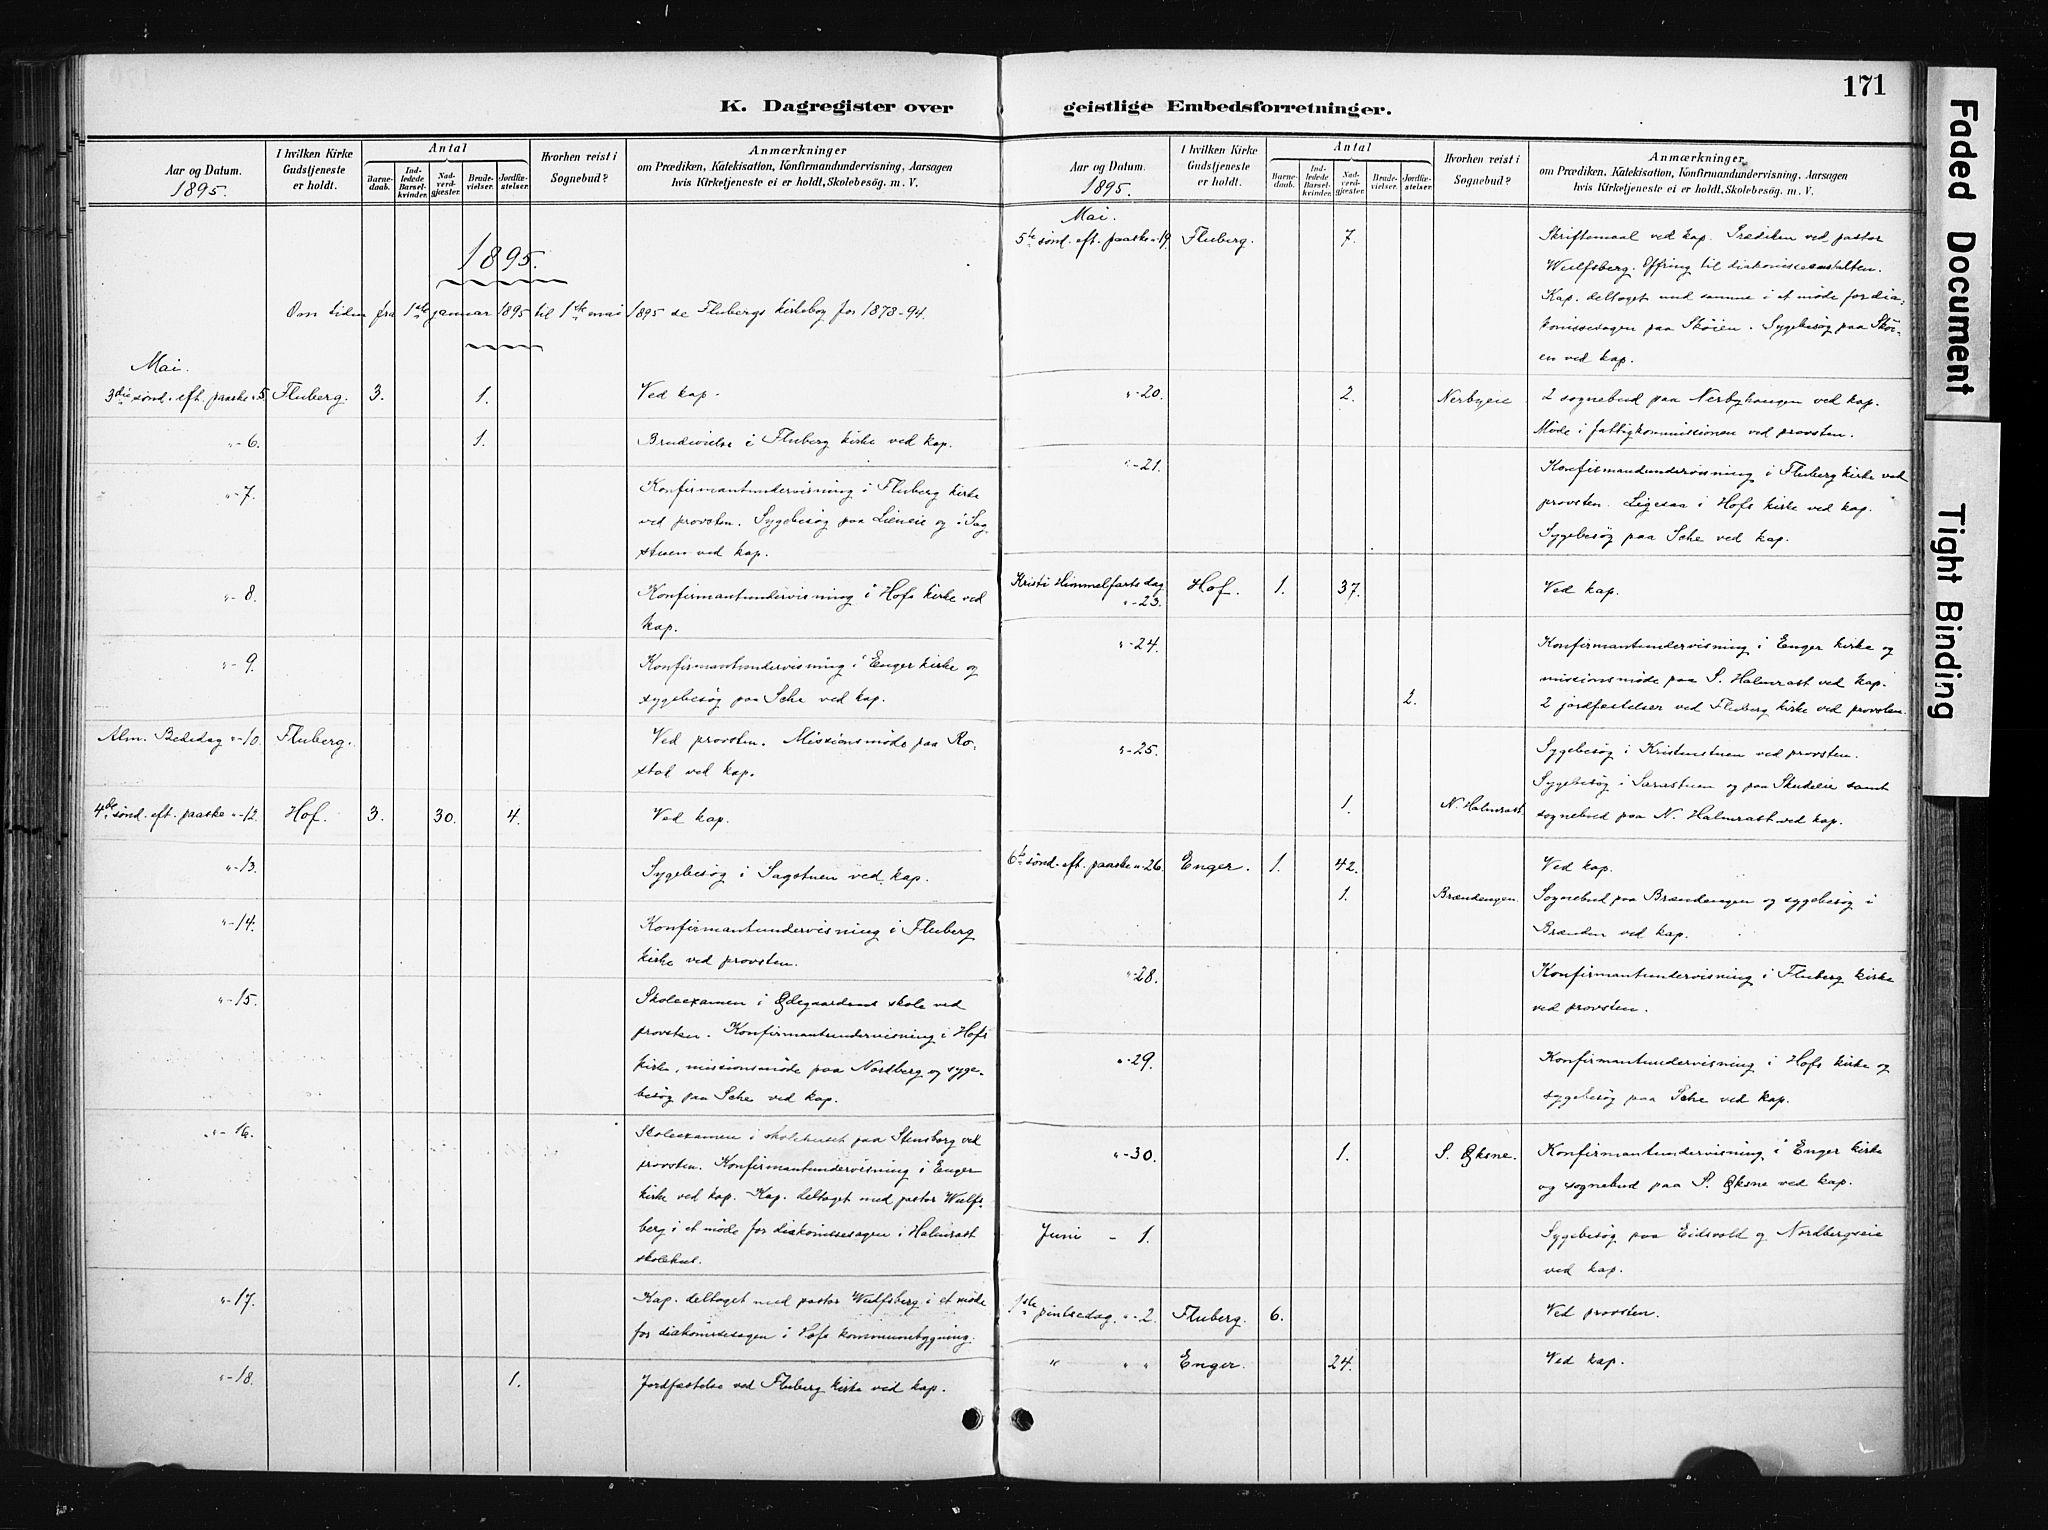 SAH, Søndre Land prestekontor, K/L0004: Ministerialbok nr. 4, 1895-1904, s. 171